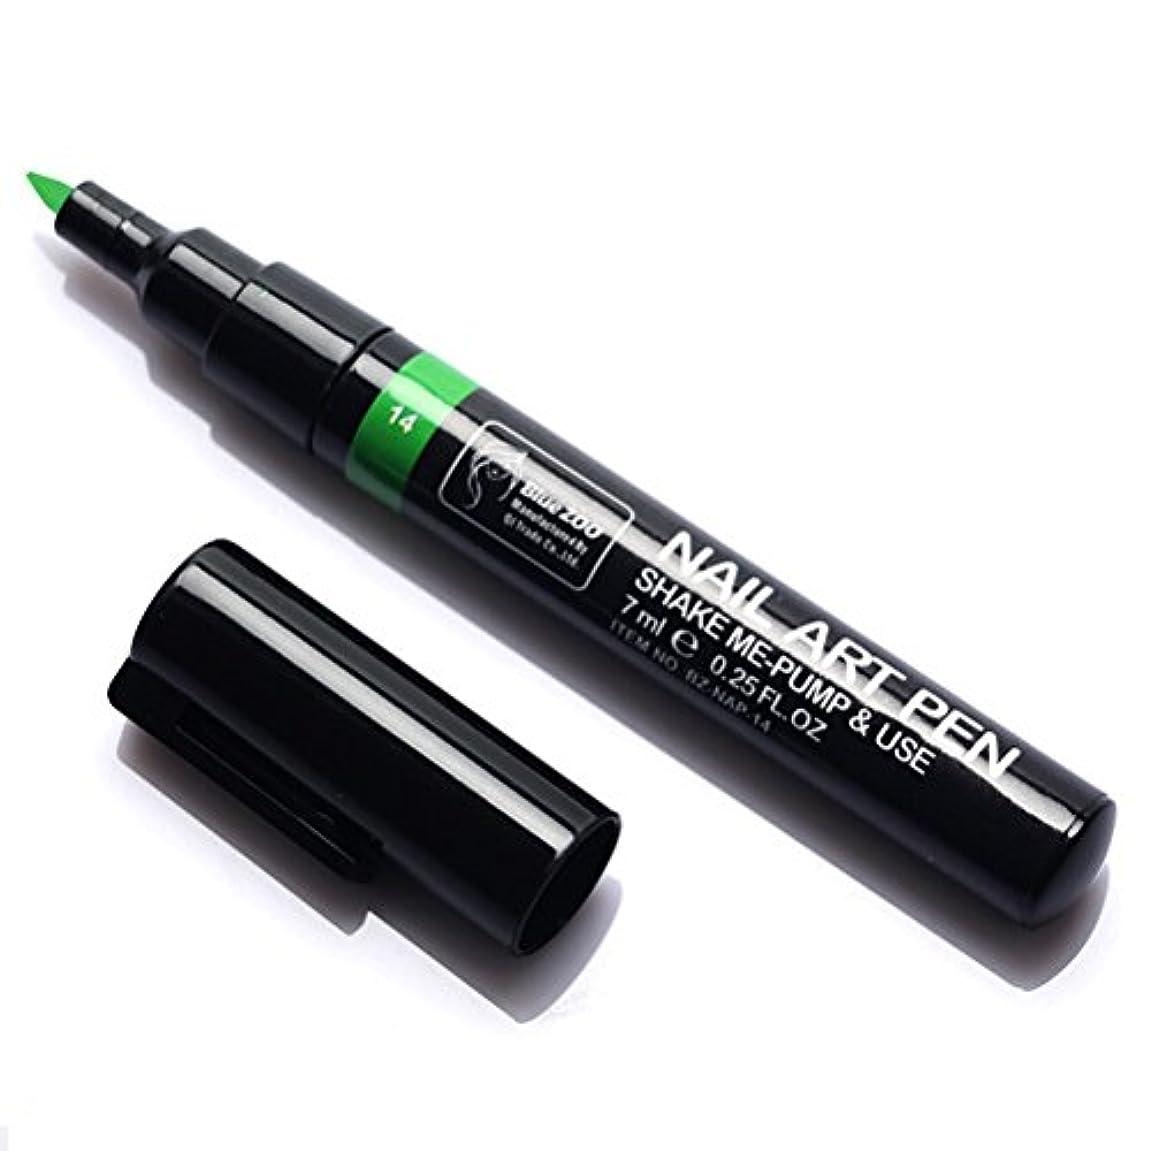 ラベンダー北東ブリリアント(メイクアップエーシーシー) MakeupAcc カラーネイルアートペン 3Dネイルペン ネイルアートペン ネイルマニキュア液 ペイントペン ペイント 両用 DIY 16色 (青い) [並行輸入品]